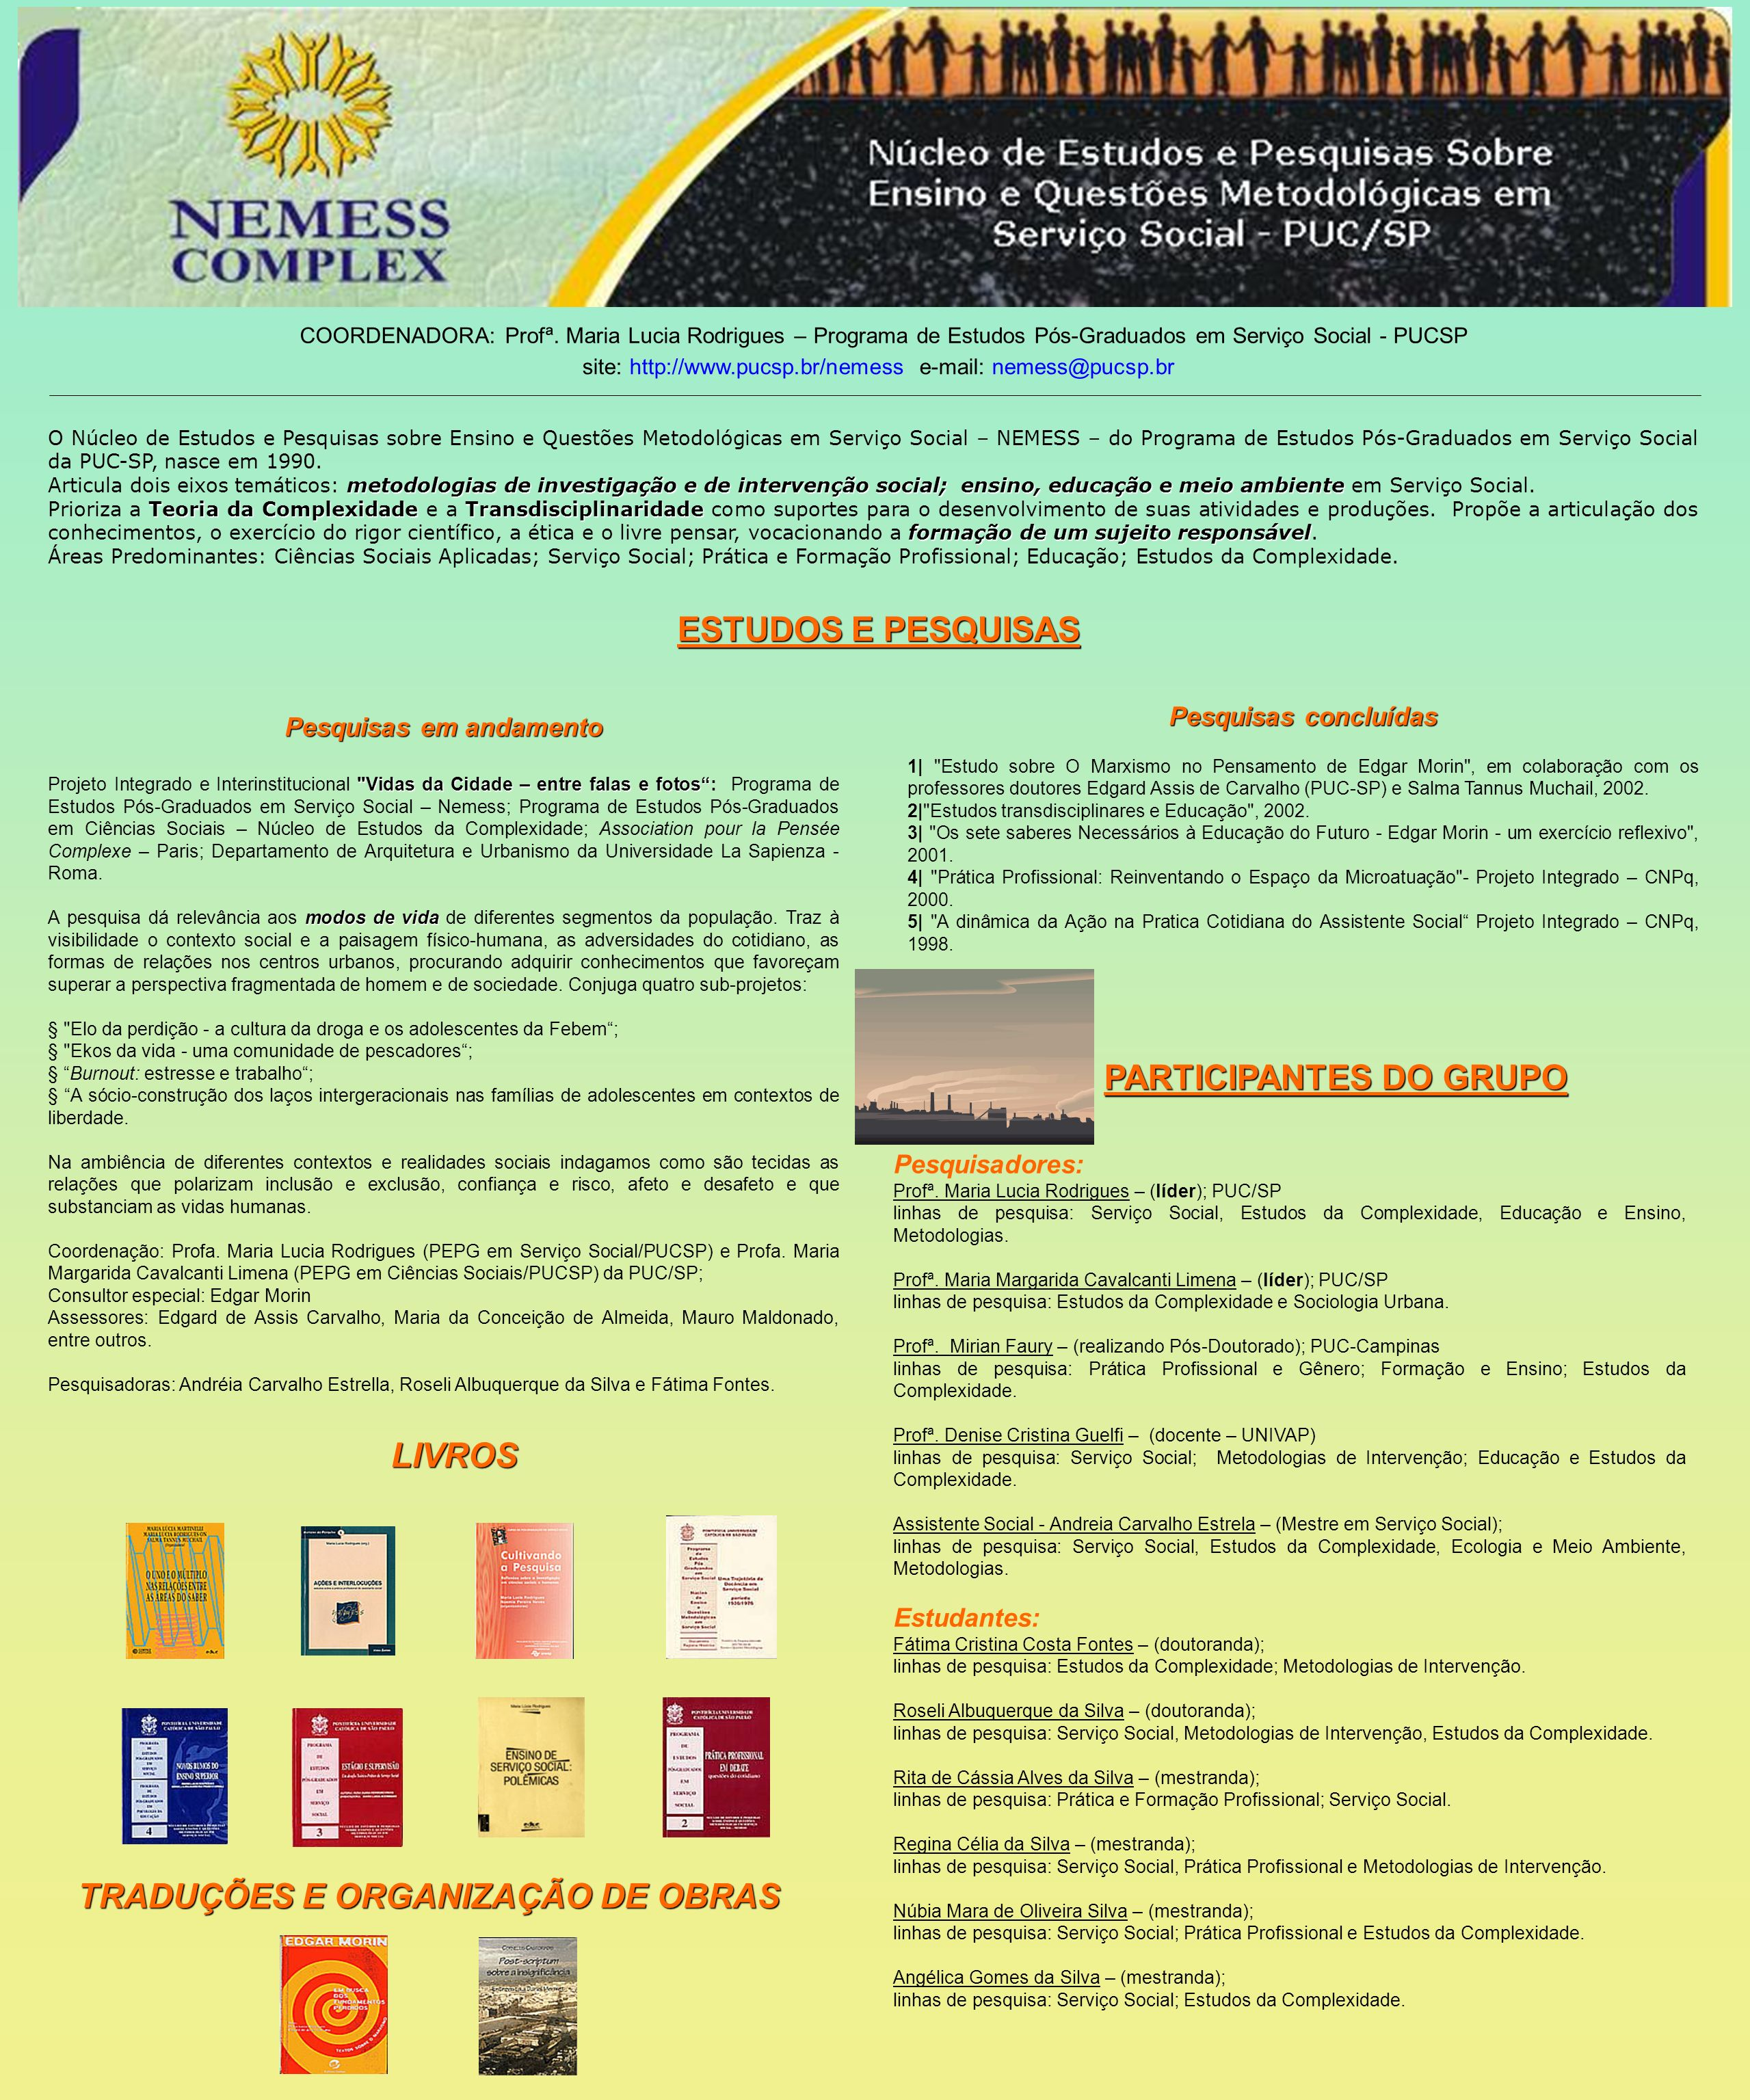 O Núcleo de Estudos e Pesquisas sobre Ensino e Questões Metodológicas em Serviço Social – NEMESS – do Programa de Estudos Pós-Graduados em Serviço Soc